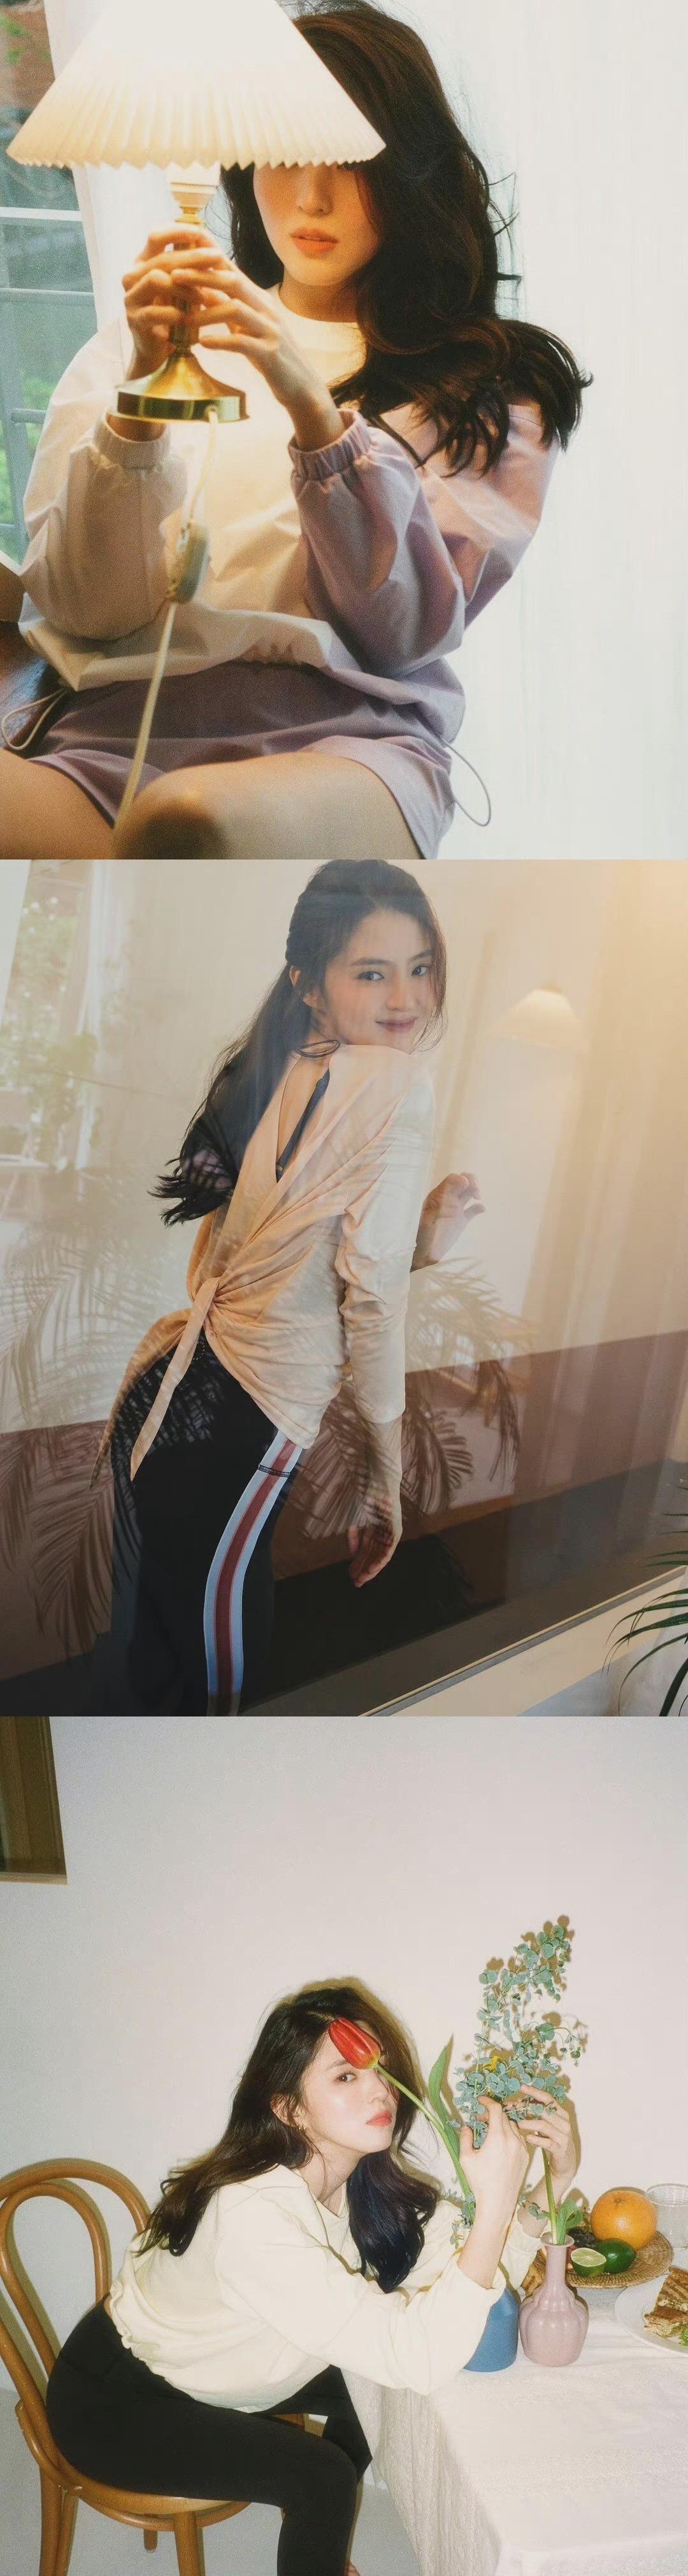 韩国美少女 韩素希 美图照片分享-觅爱图